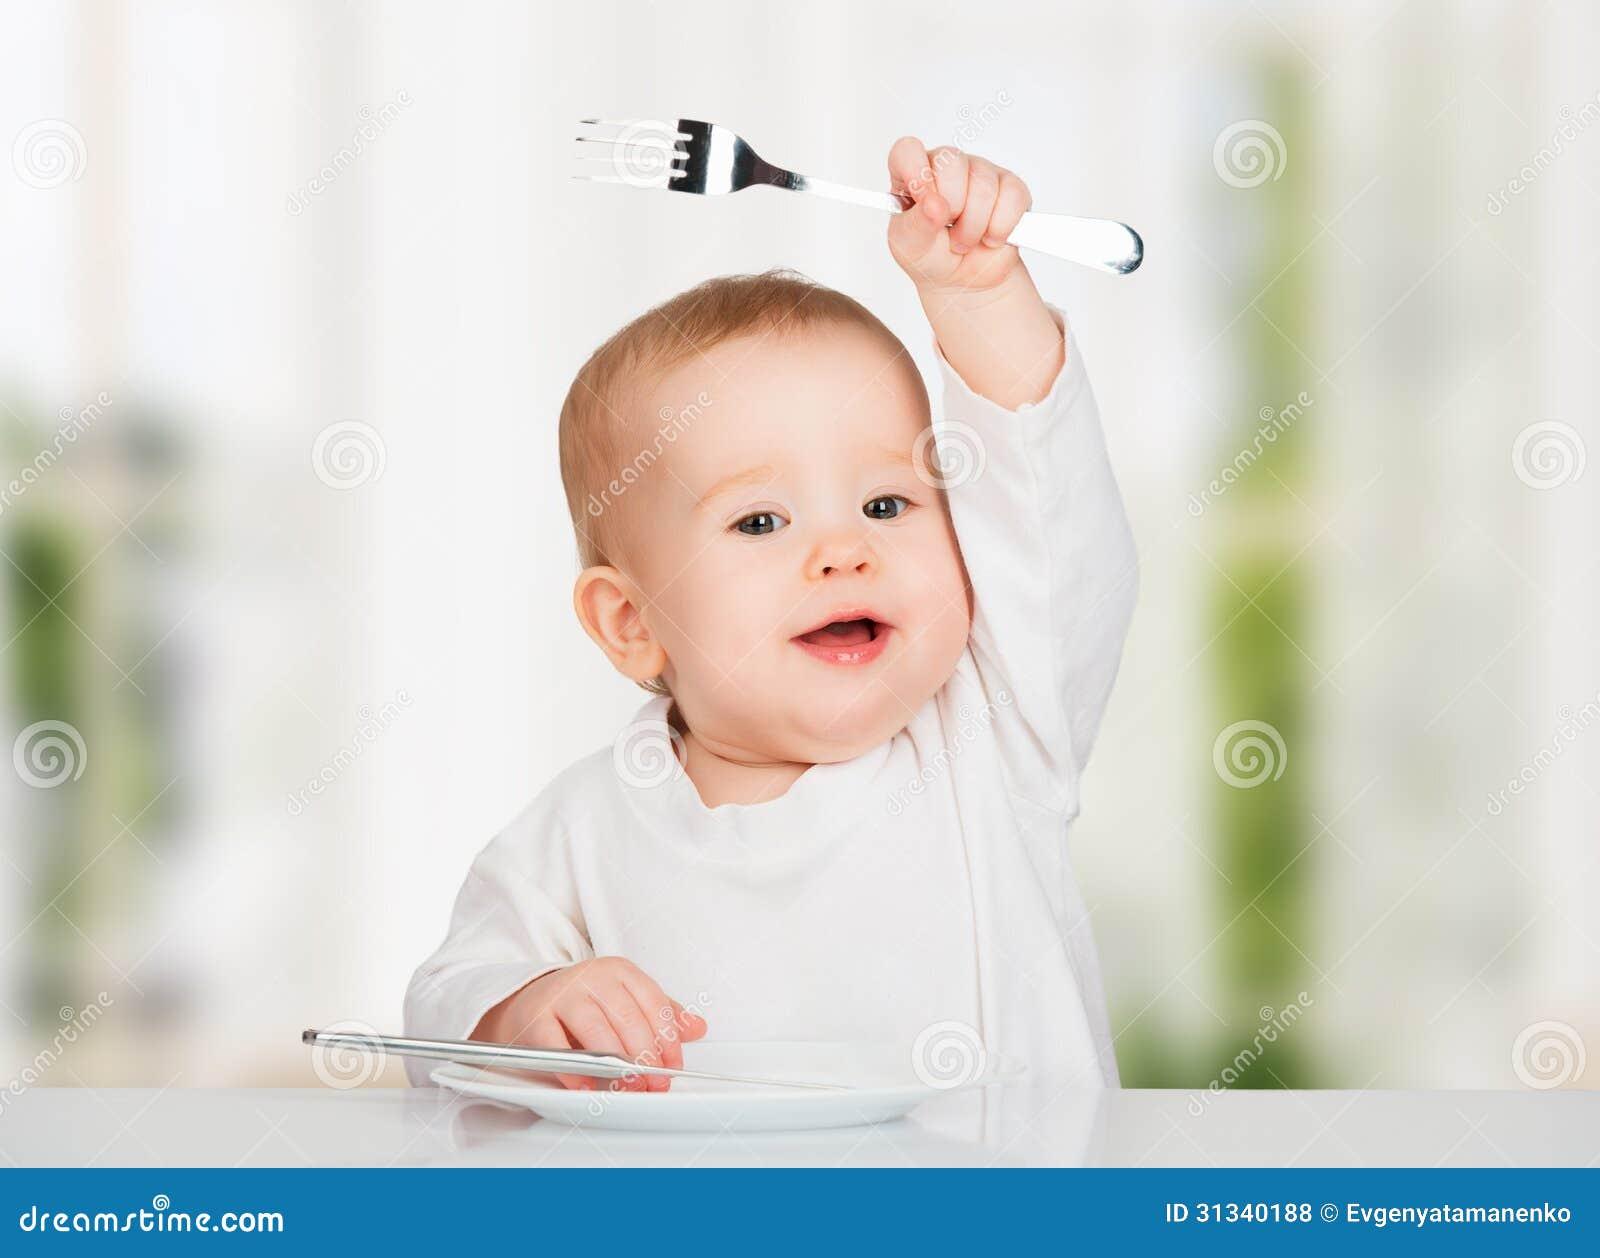 Grappige baby met een mes en een vork die voedsel eten